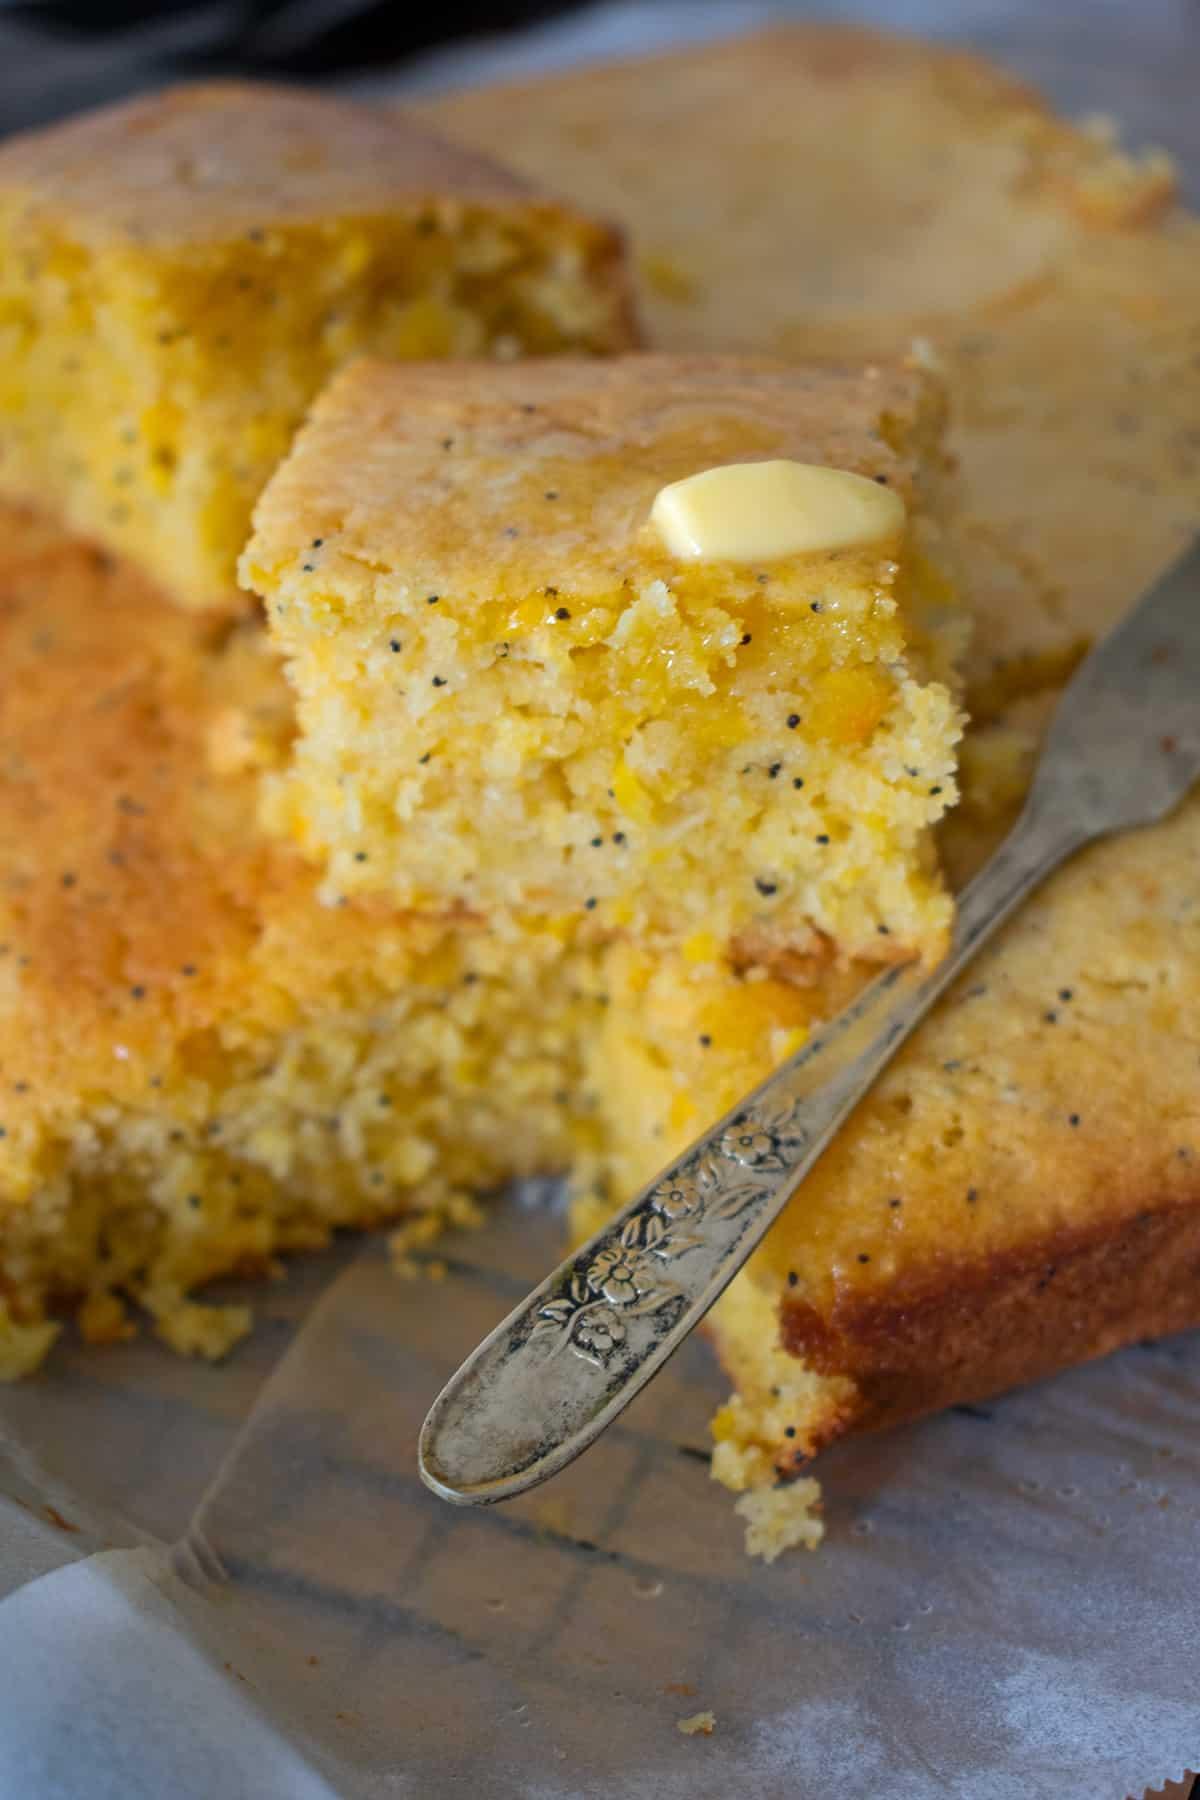 pan de maíz cortado en porciones con un poco de mantequilla acompañado de un cuchillo pequeño.